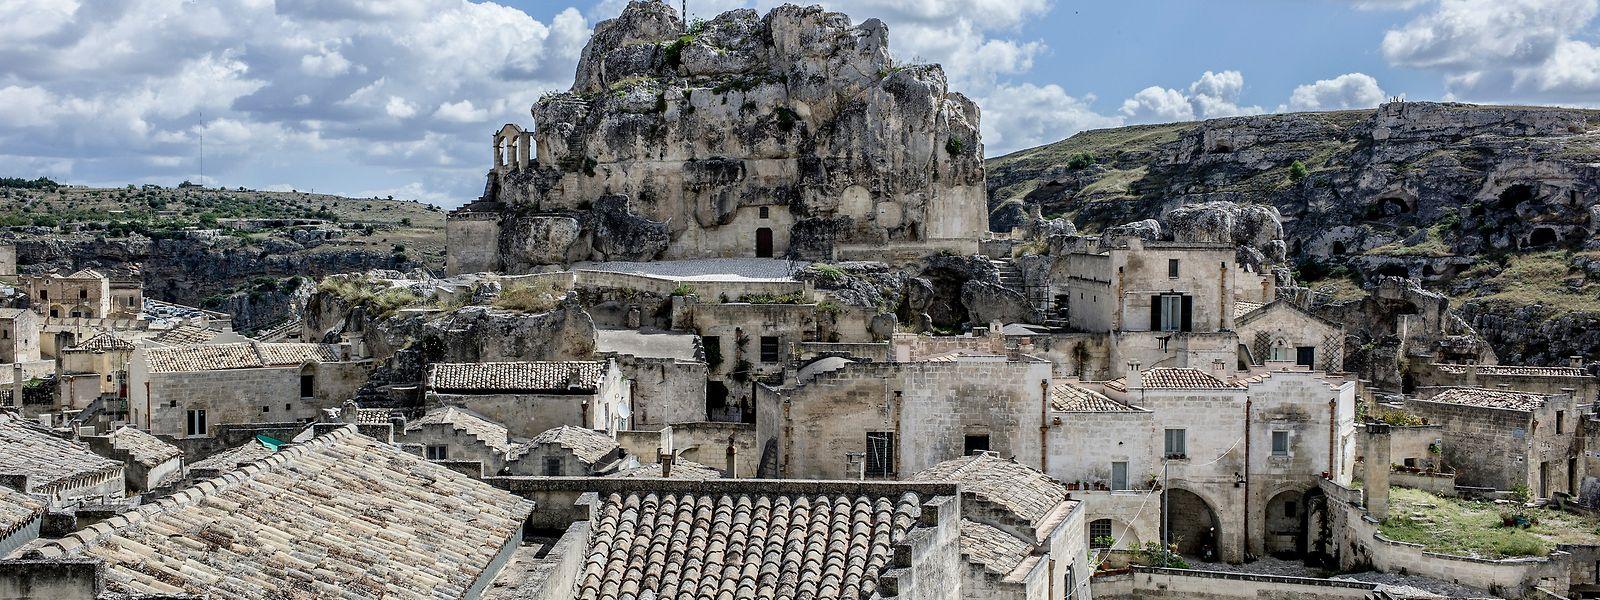 Die Höhlensiedlungen der Felsenstadt Matera waren bereits in der Antike bewohnt.